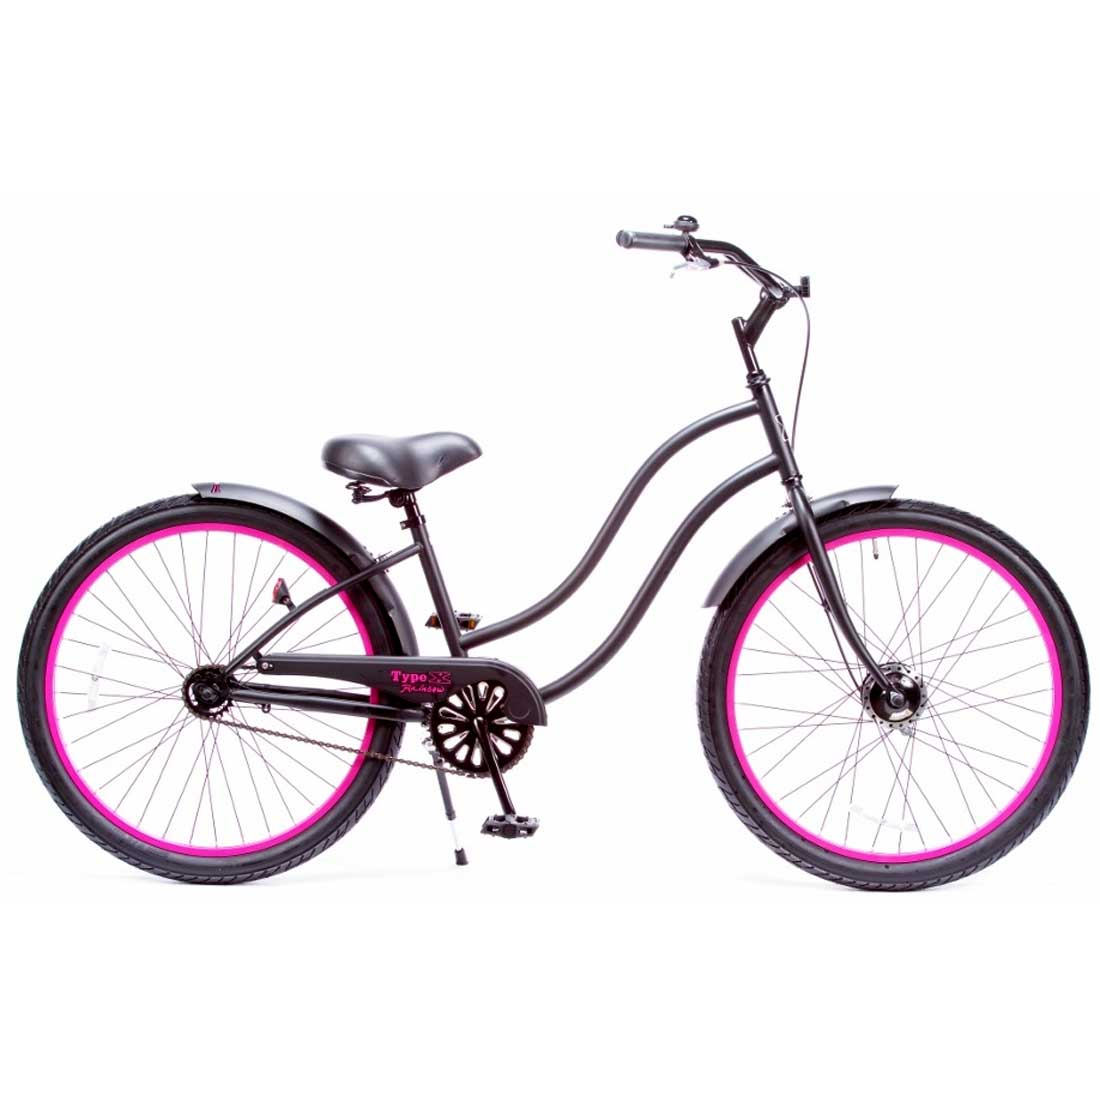 ビーチクルーザー 26インチ おしゃれ 自転車 通勤 通学 レインボービーチクルーザー 26TYPE-X-LADY マットブラック×ピンクリム メンズ レディース